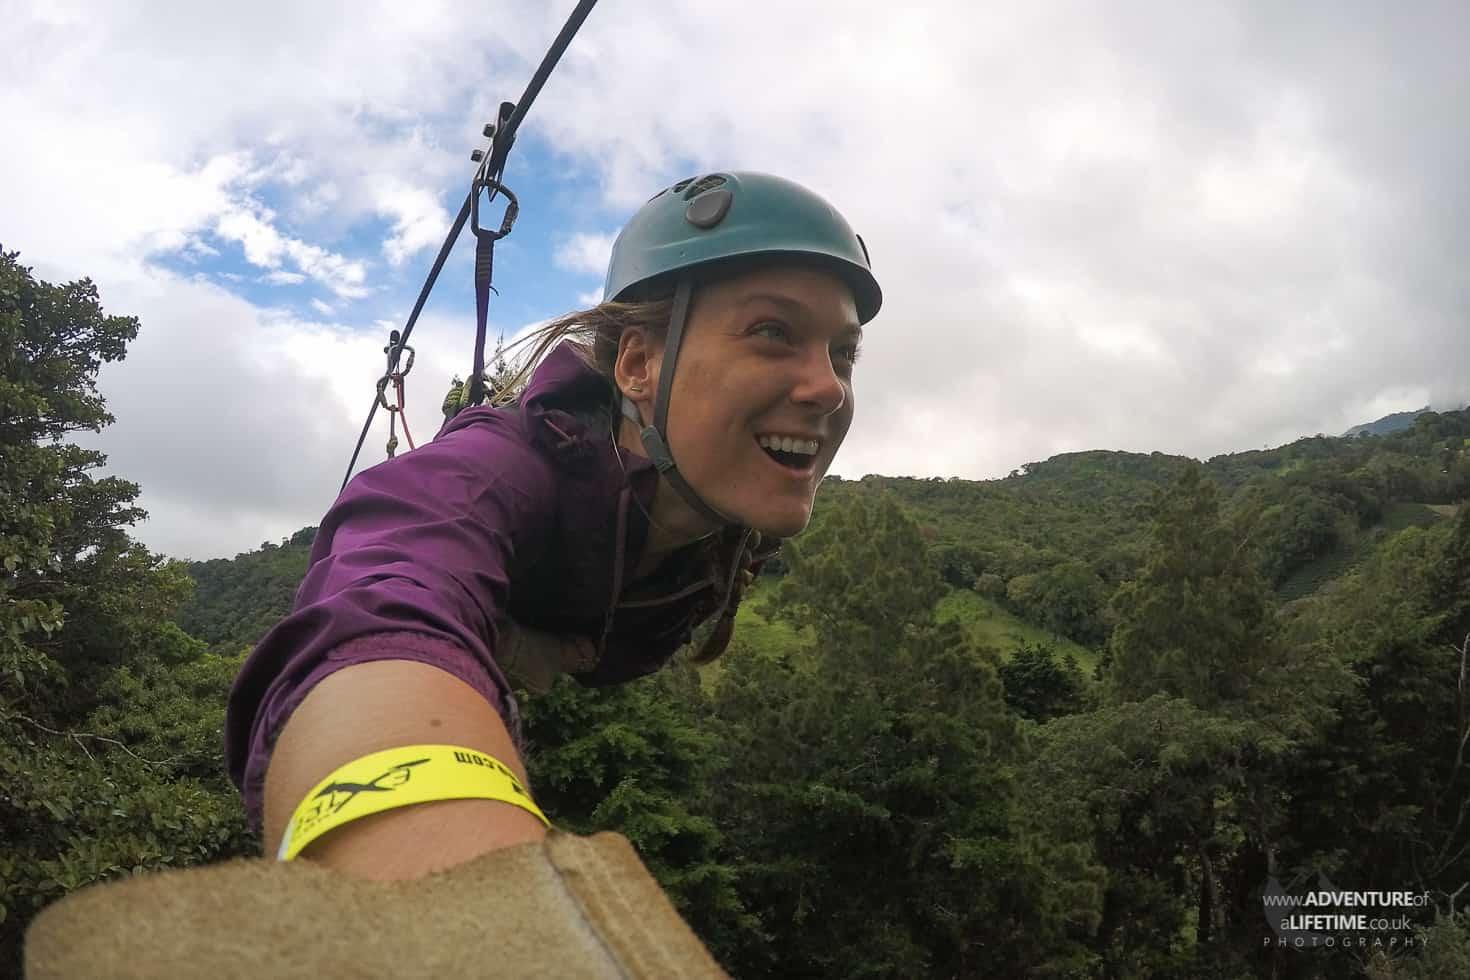 Dora Ziplining in Costa Rica